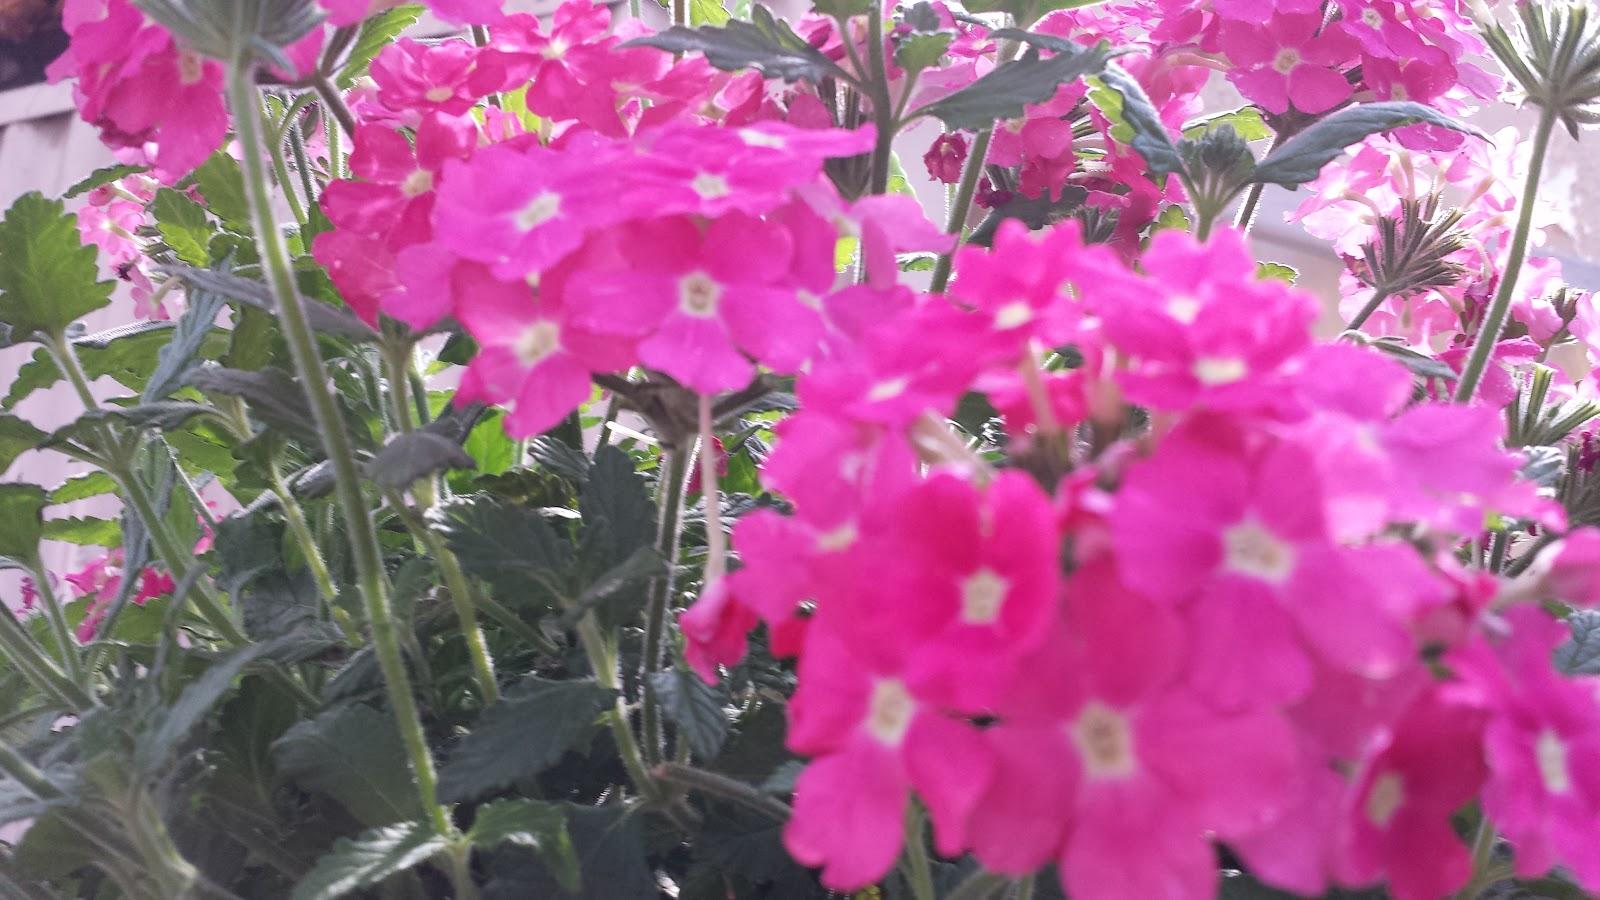 Fiori del mio giardino i fiori dell 39 estate for Giardino fiori